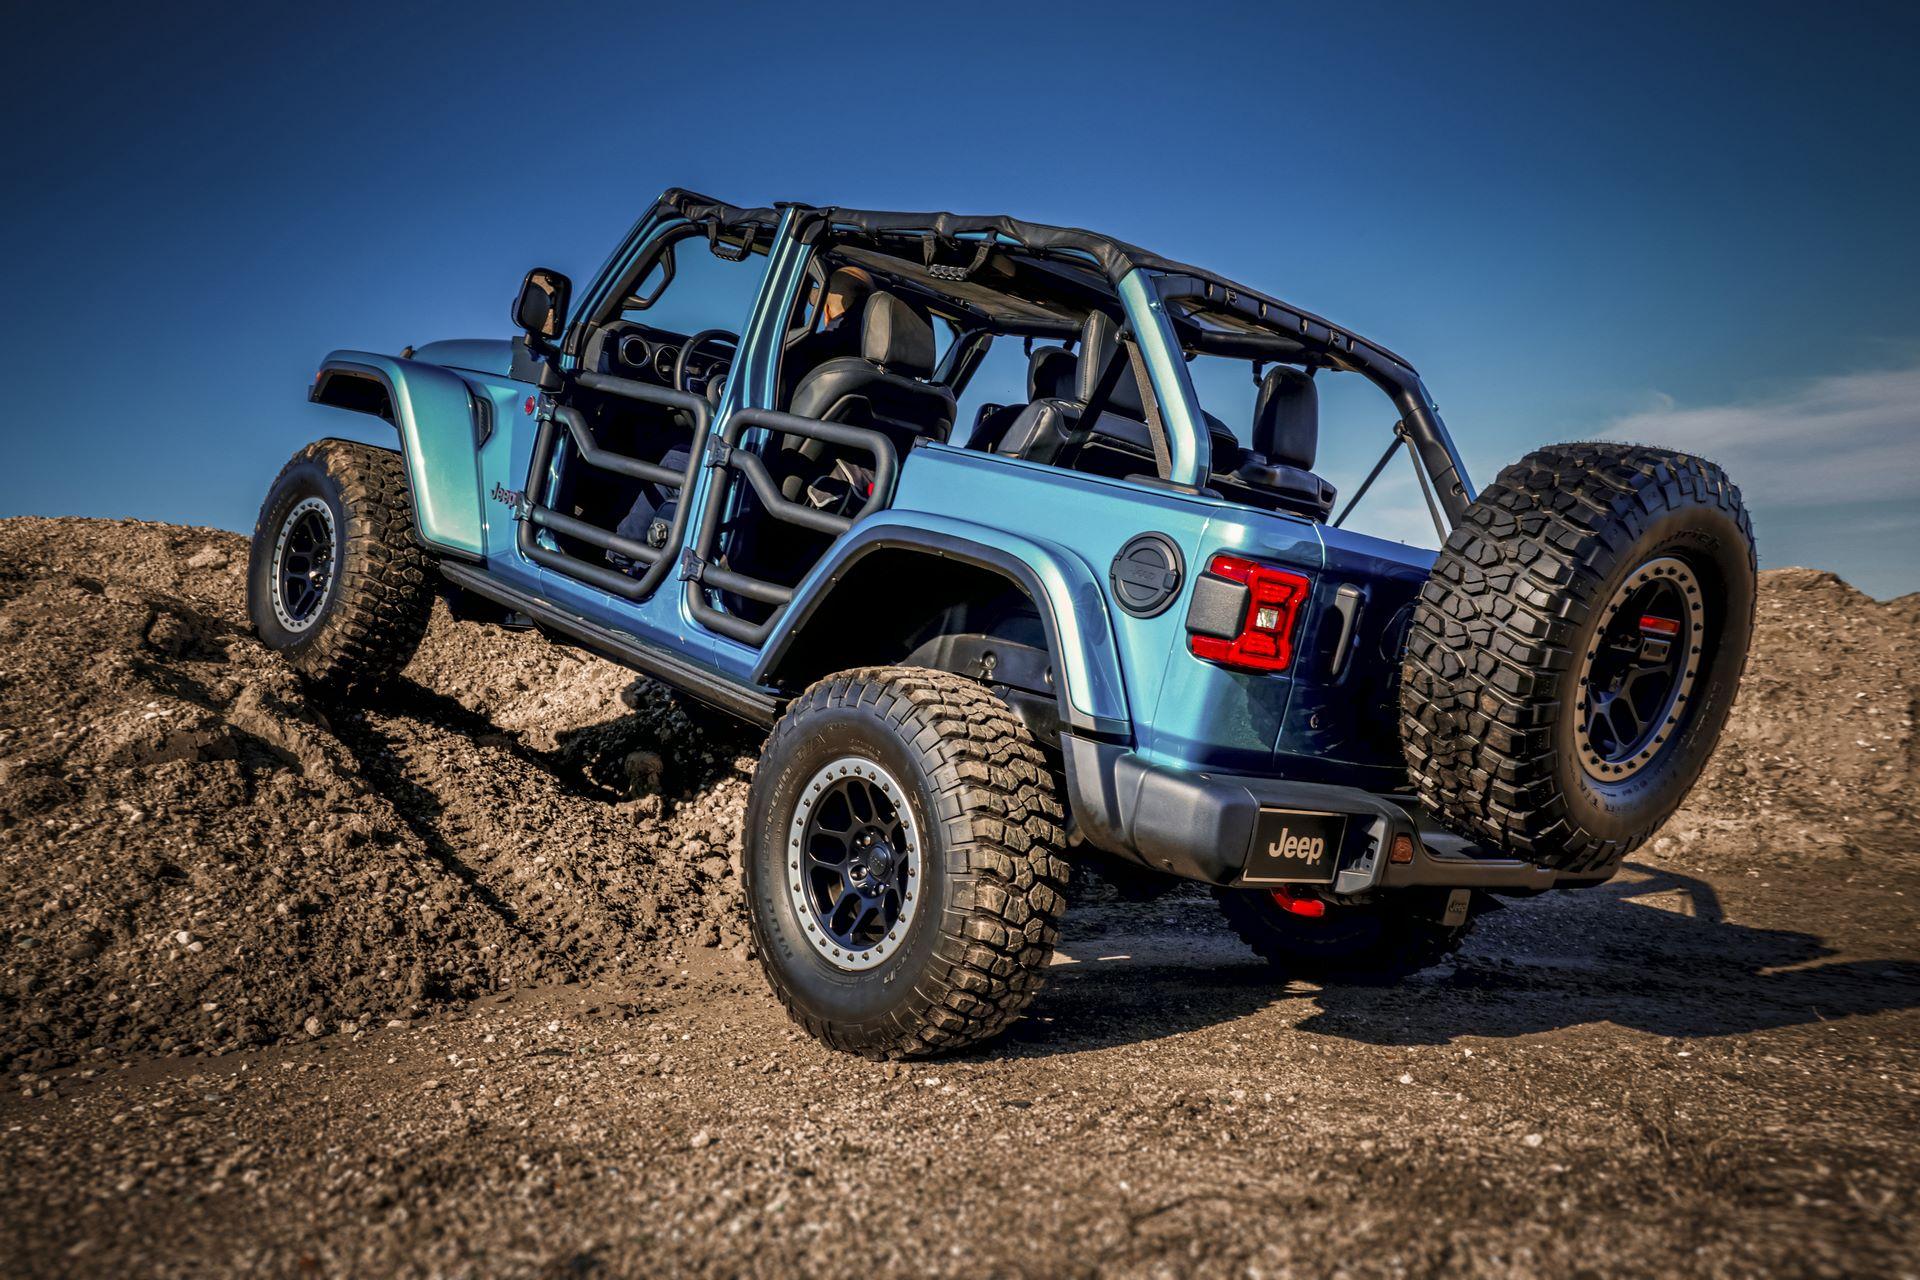 Jeep-Wrangler-Rubicon-Mopar-4